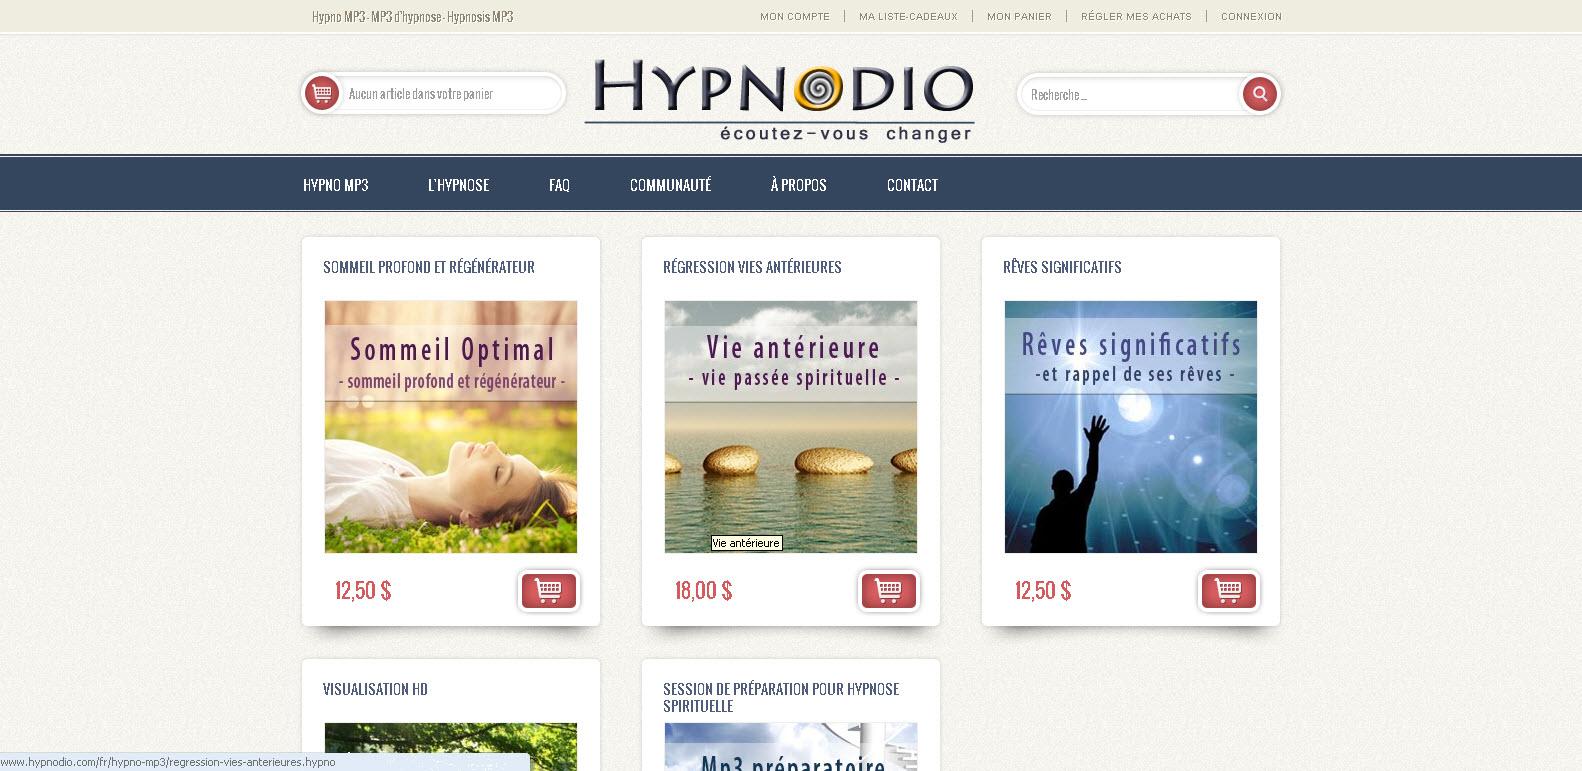 Hypnodio